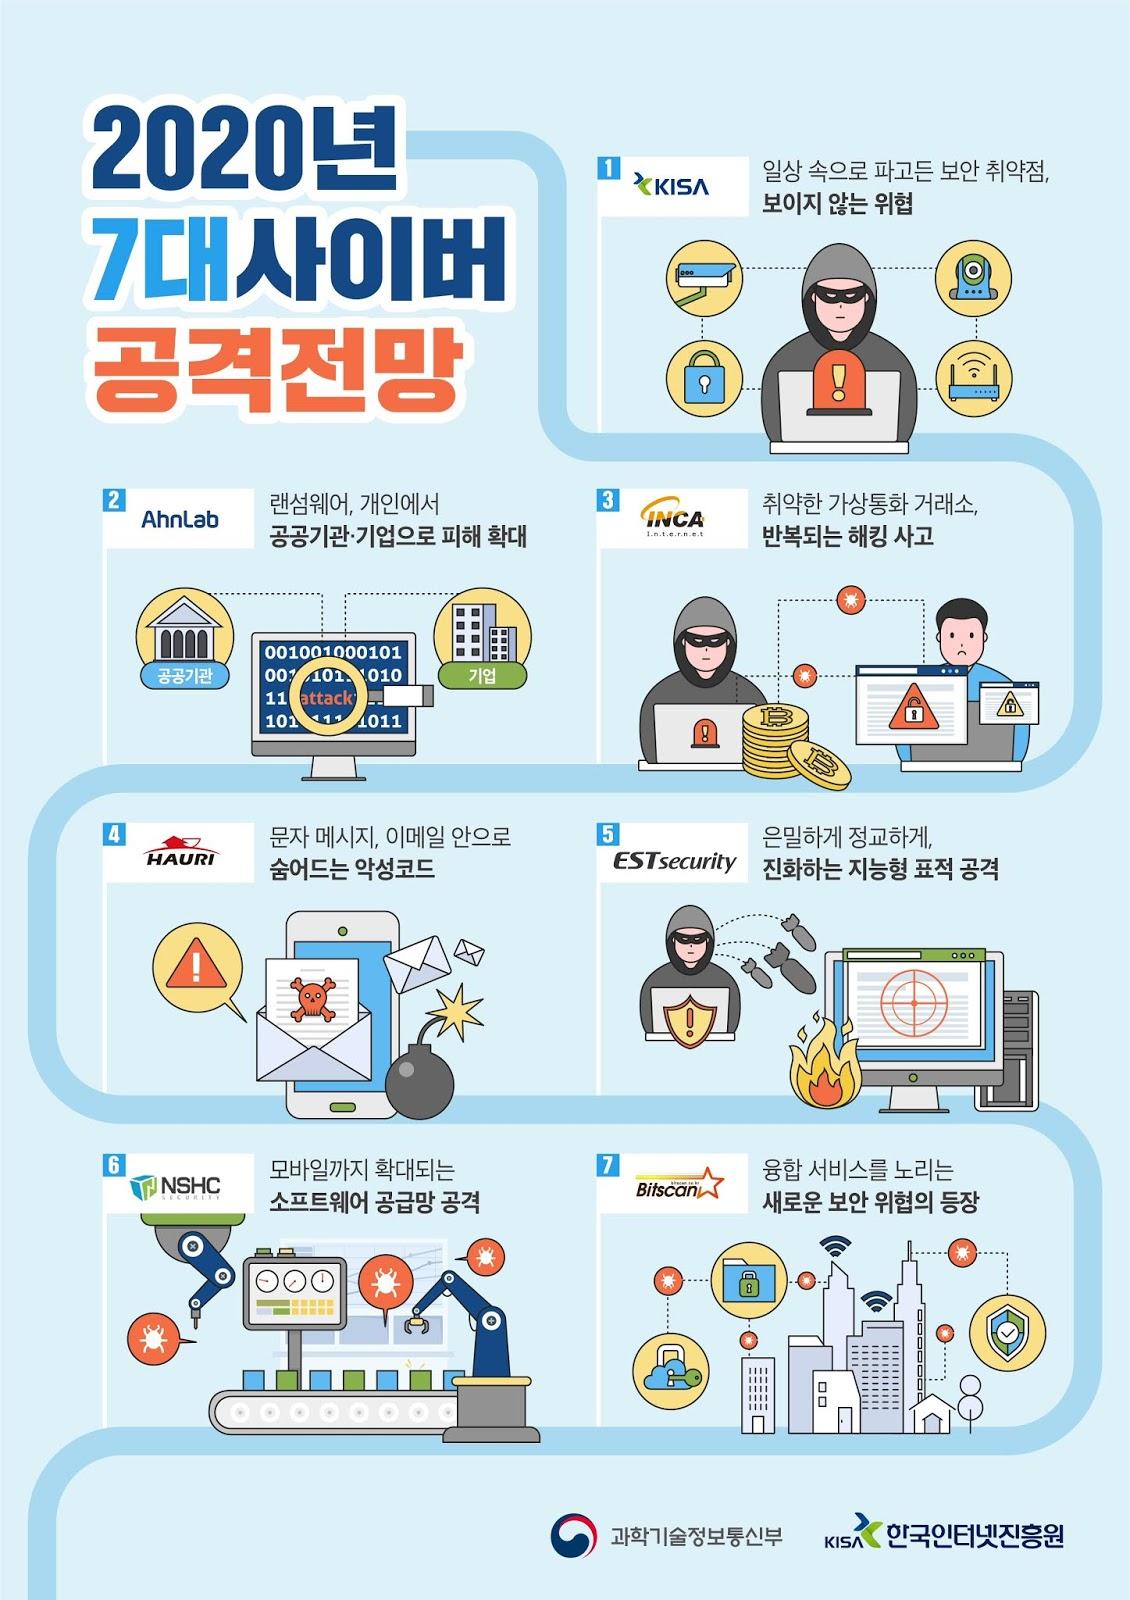 KISA, 국내 보안업체와 2020년 7대 사이버 공격 전망 발표